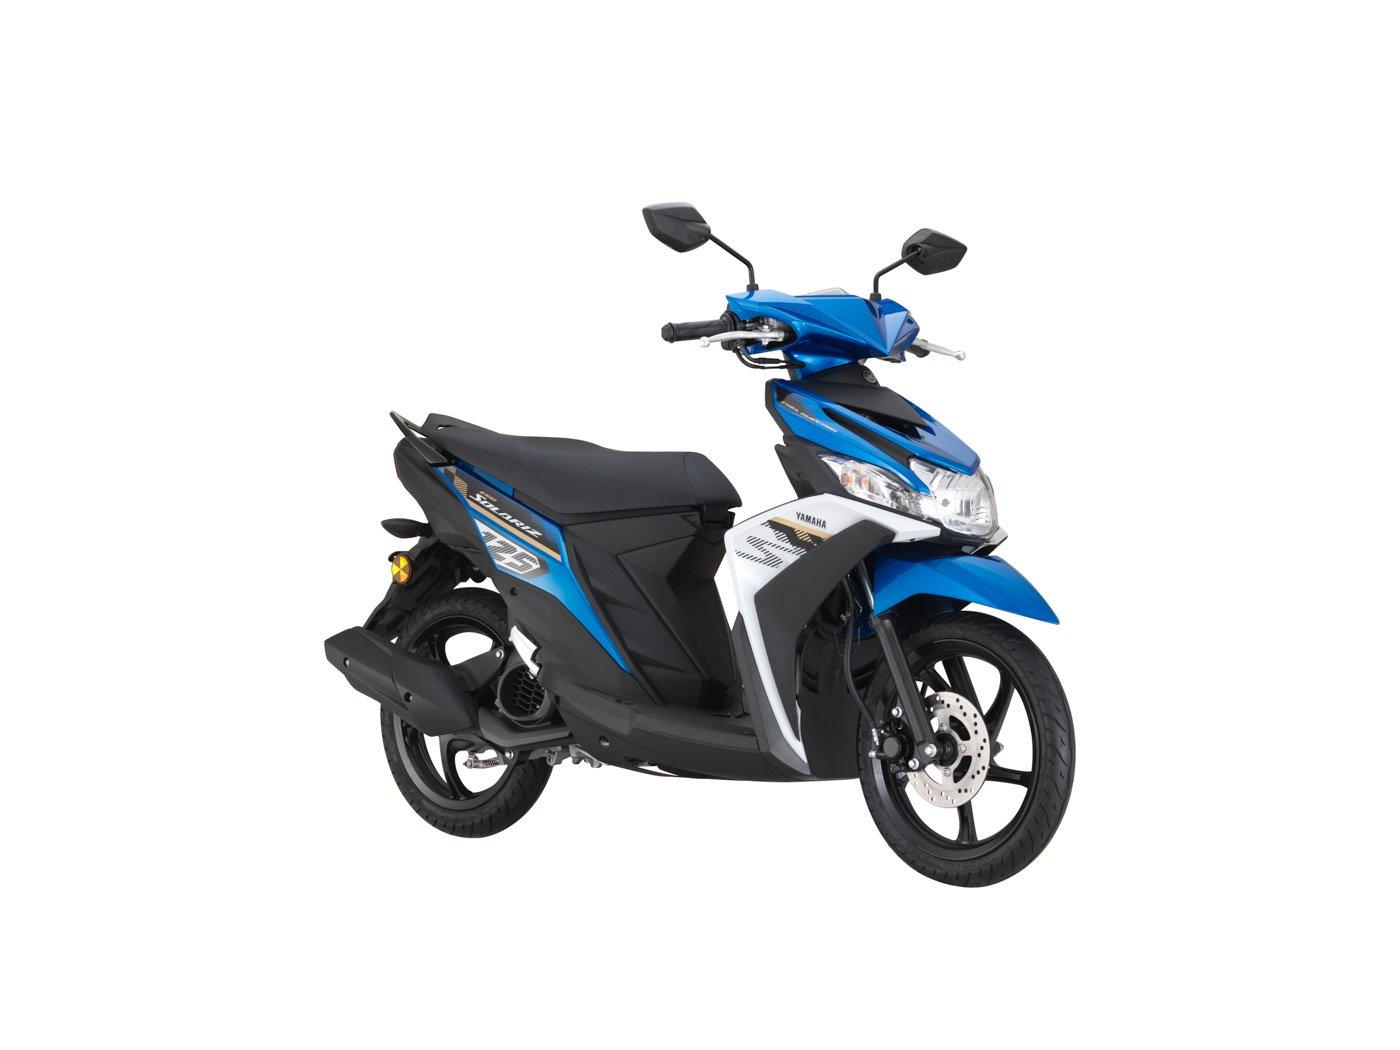 Yamaha Rm